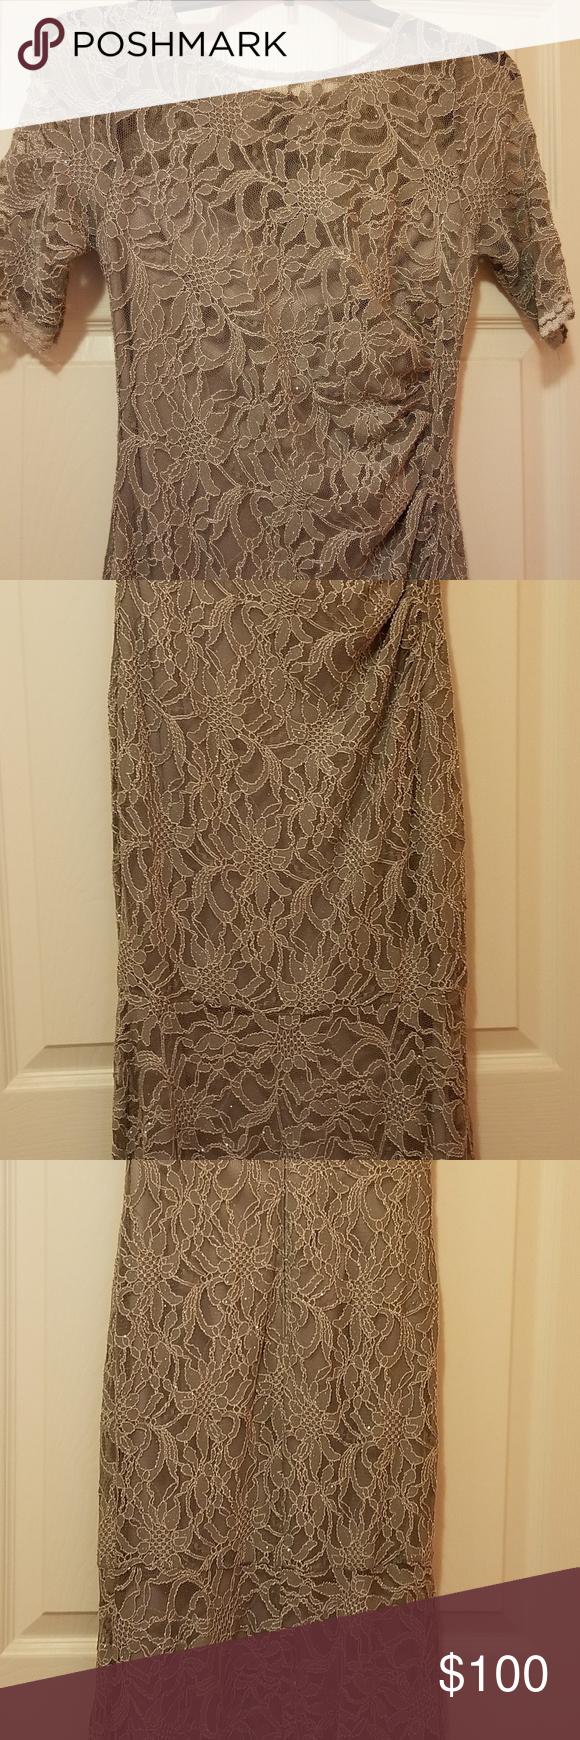 Womenus longsleeve formal dresses boutique colour gray xscape